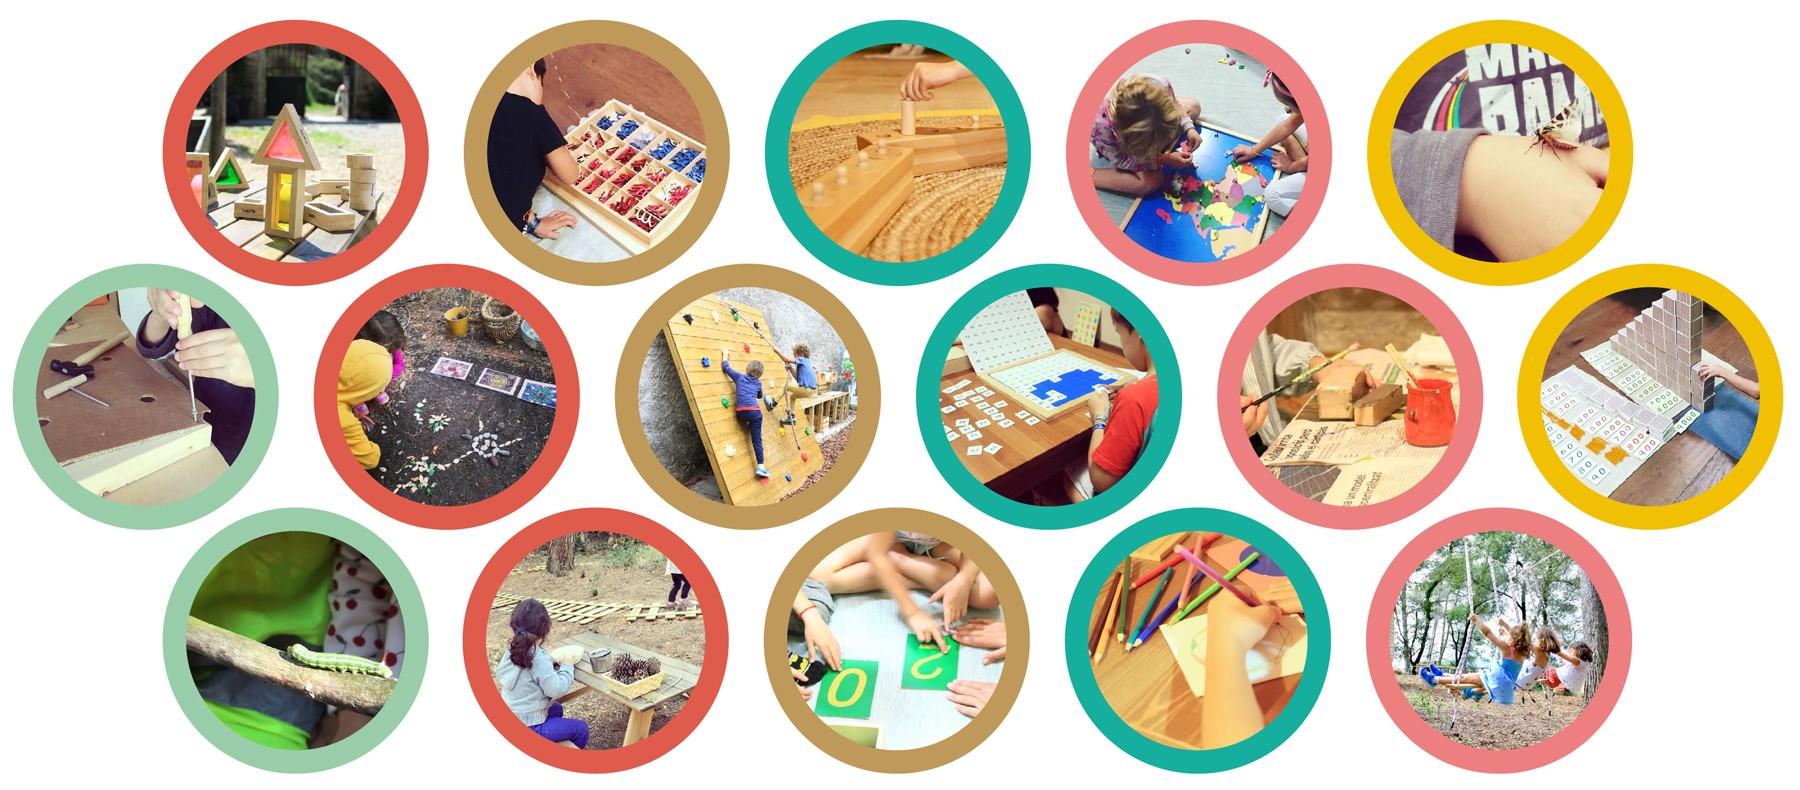 Bases pedagógicas de la educación Montessori